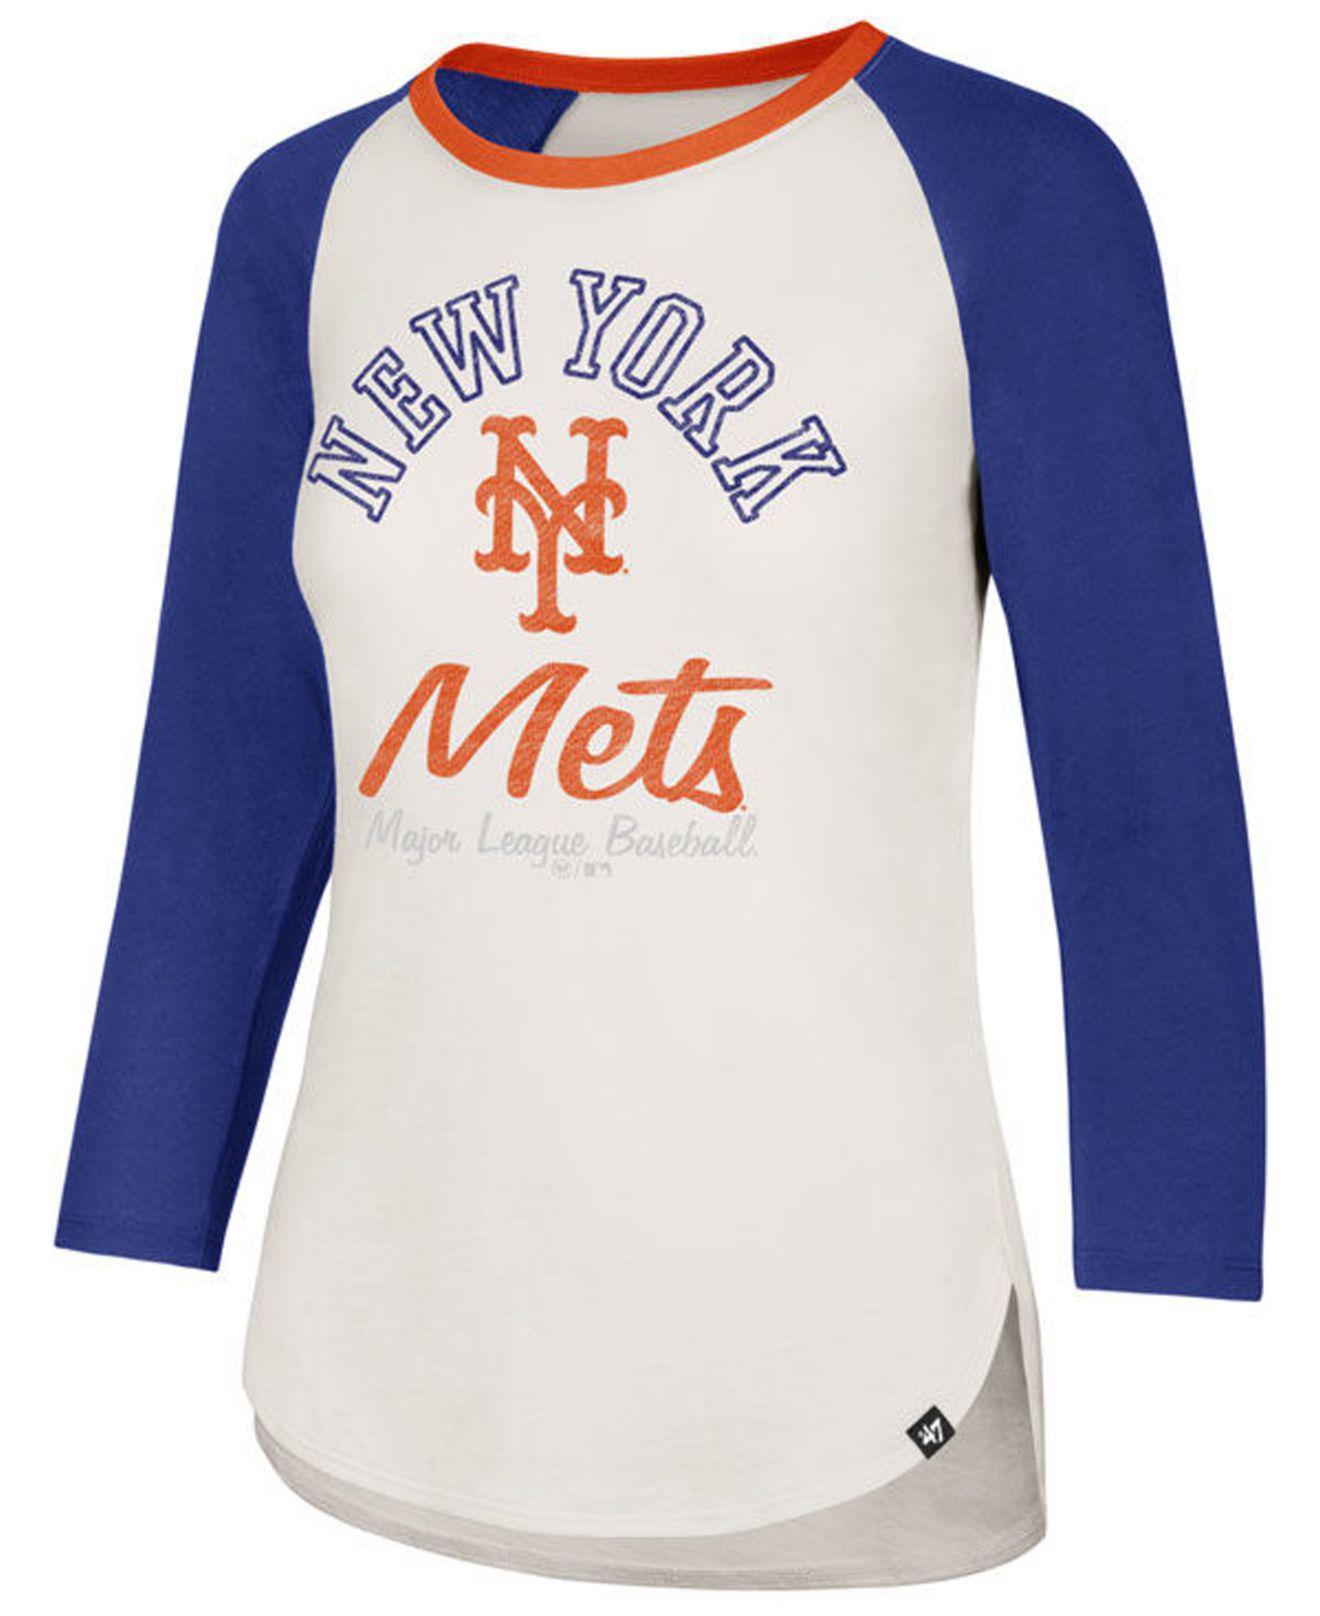 low priced 05500 18336 New York Mets Personalized T Shirt | Azərbaycan Dillər ...